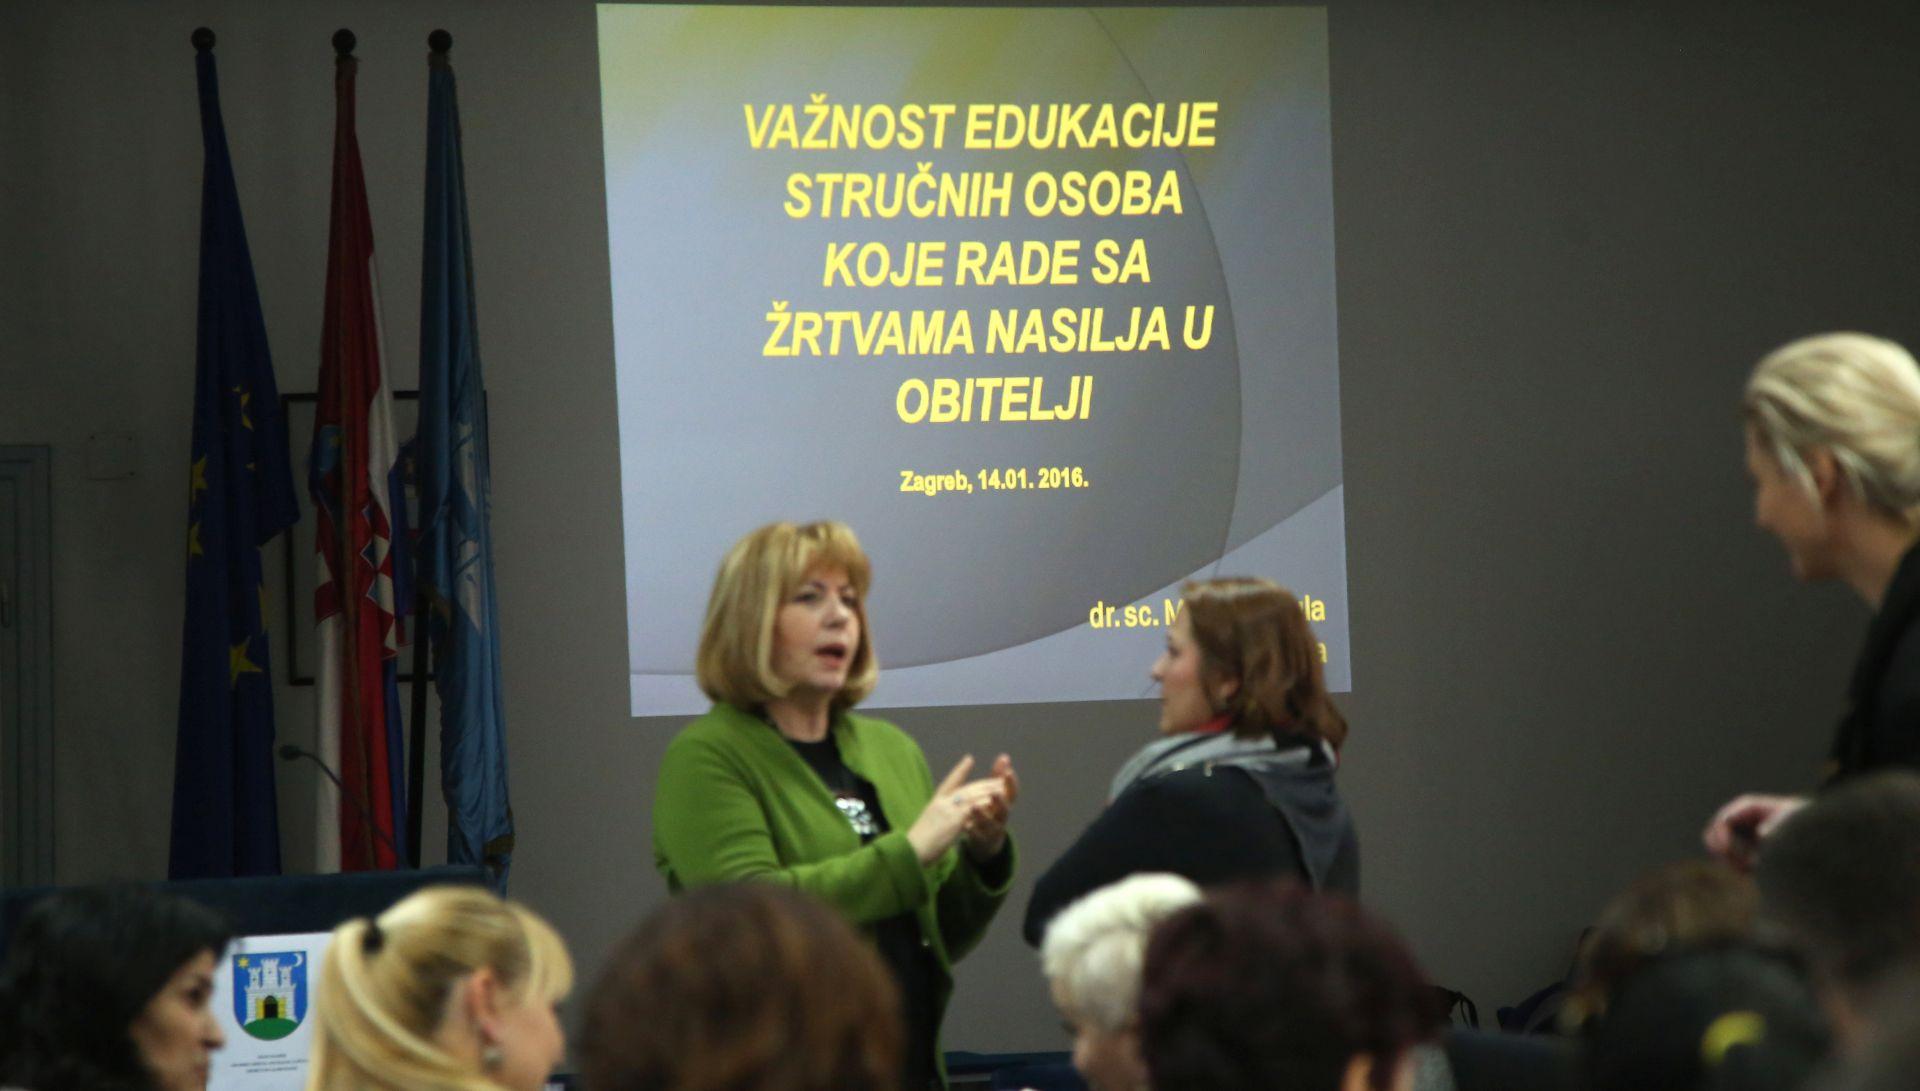 ODLIČNI REZULTATI: Projekt edukacije stručnih osoba koje pomažu žrtvama nasilja